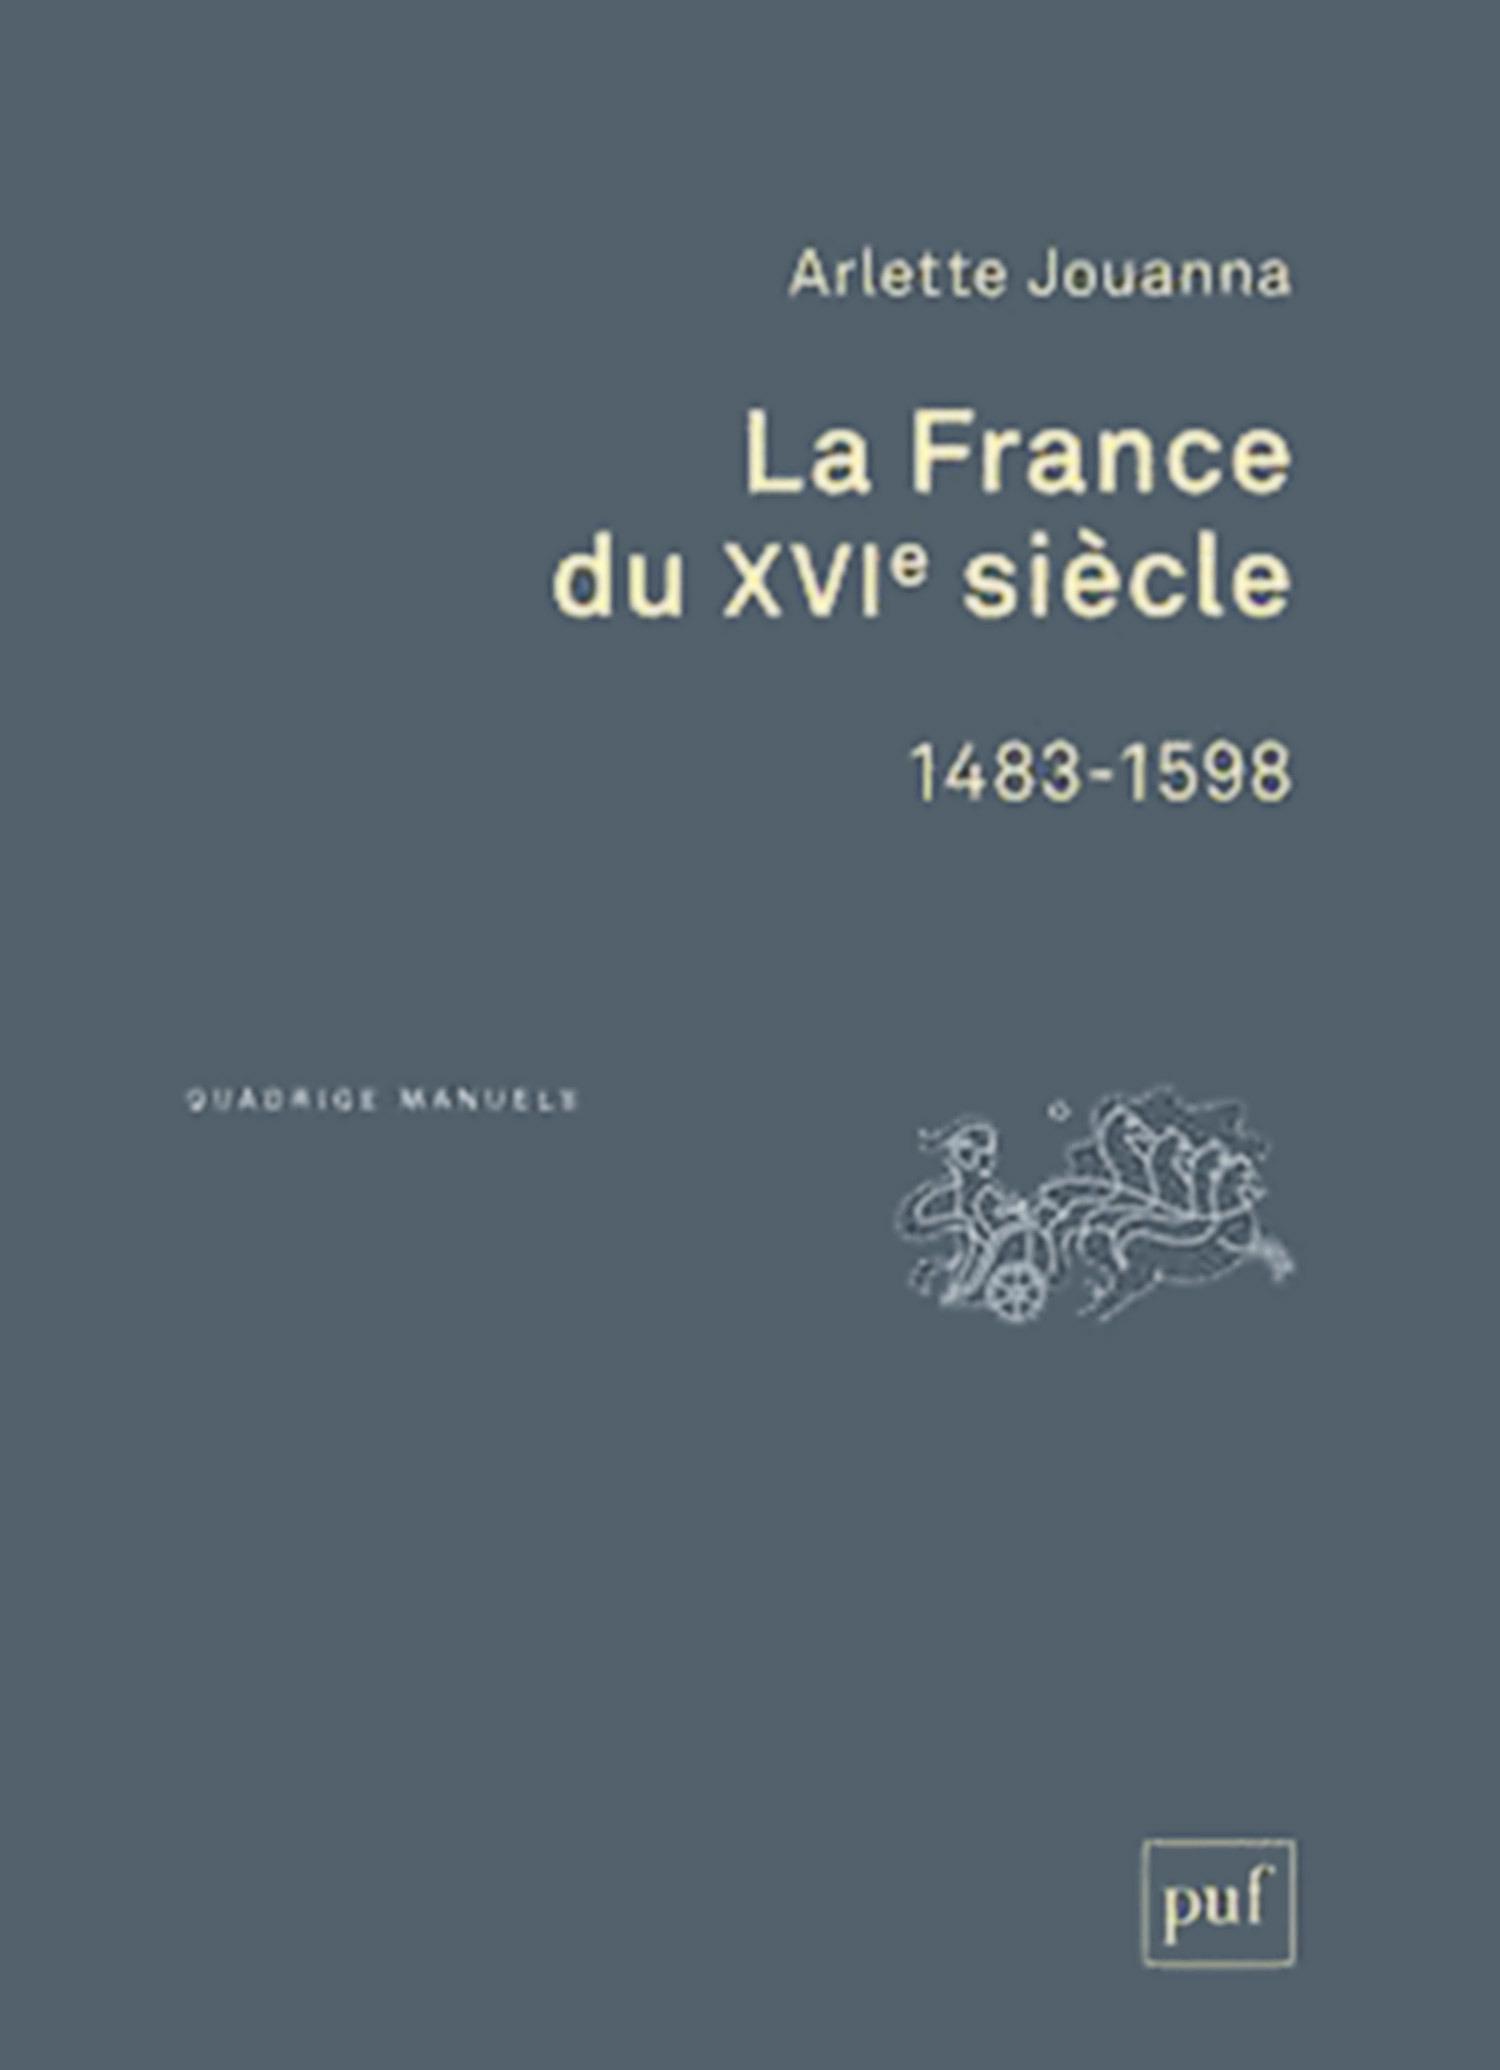 Arlette Jouanna La France du XVIe siècle, 1483-1598